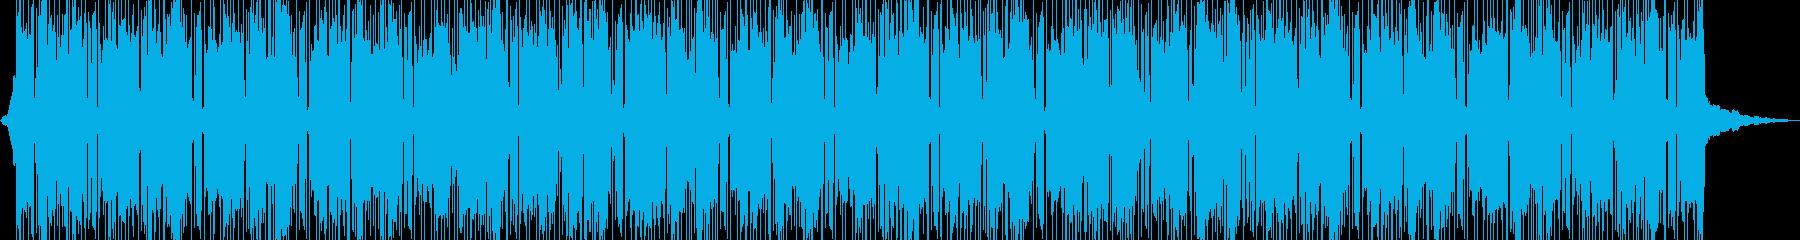 ヒップホップ、アグレッシブ、不吉、...の再生済みの波形